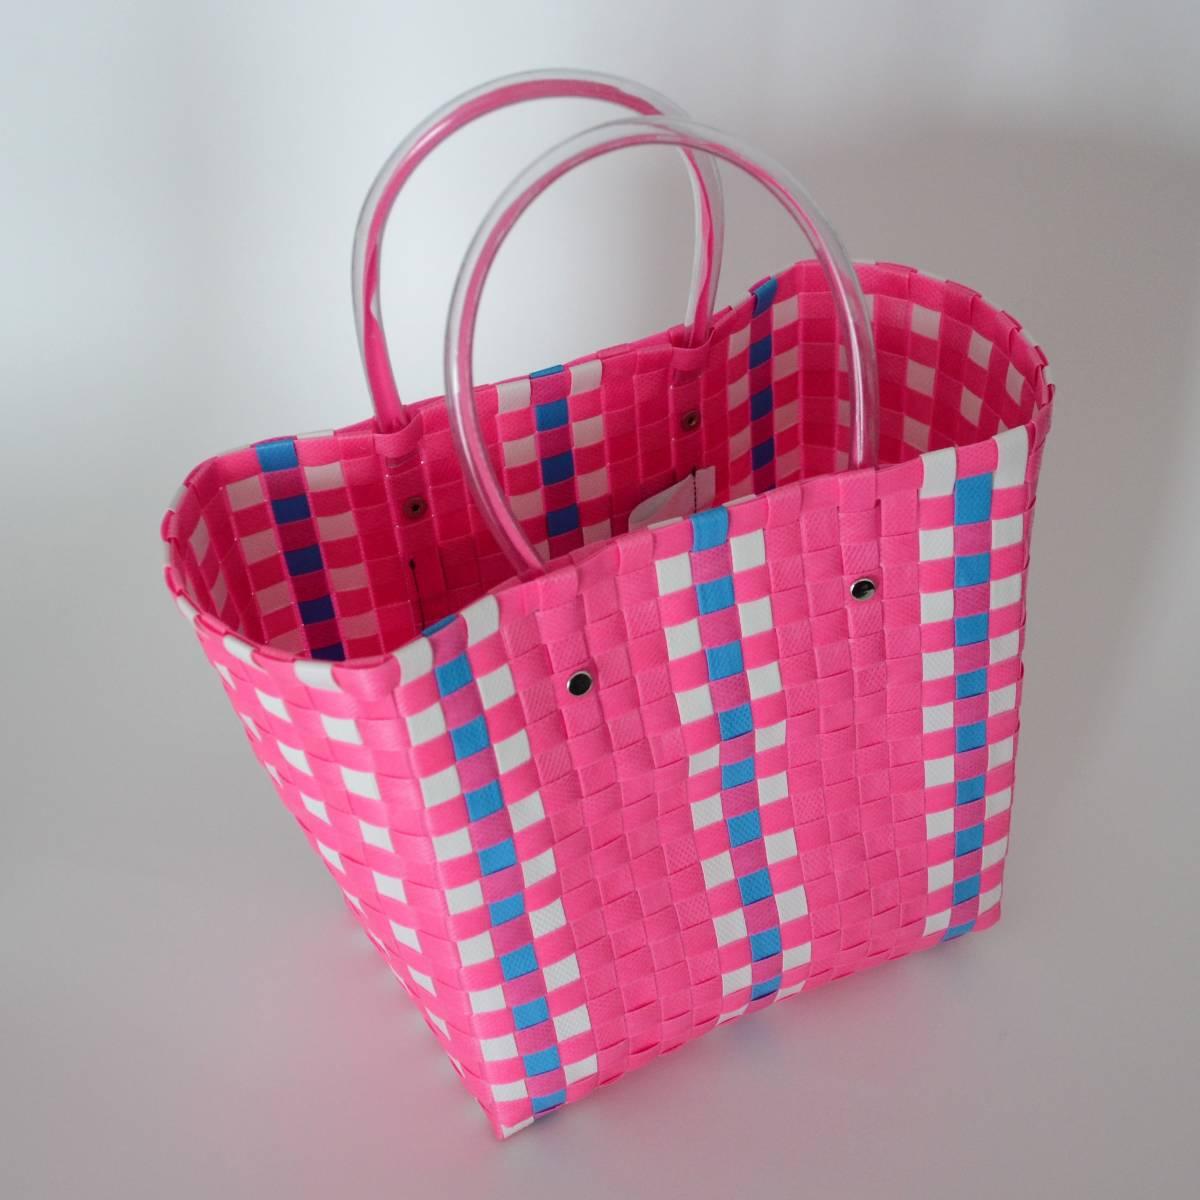 【マルニマーケット】 未使用 ピクニックバッグ ピンク ミニサイズ スクエアショッピングバック/かご/かばん 阪急うめだ本店で購入 MARNI_画像3